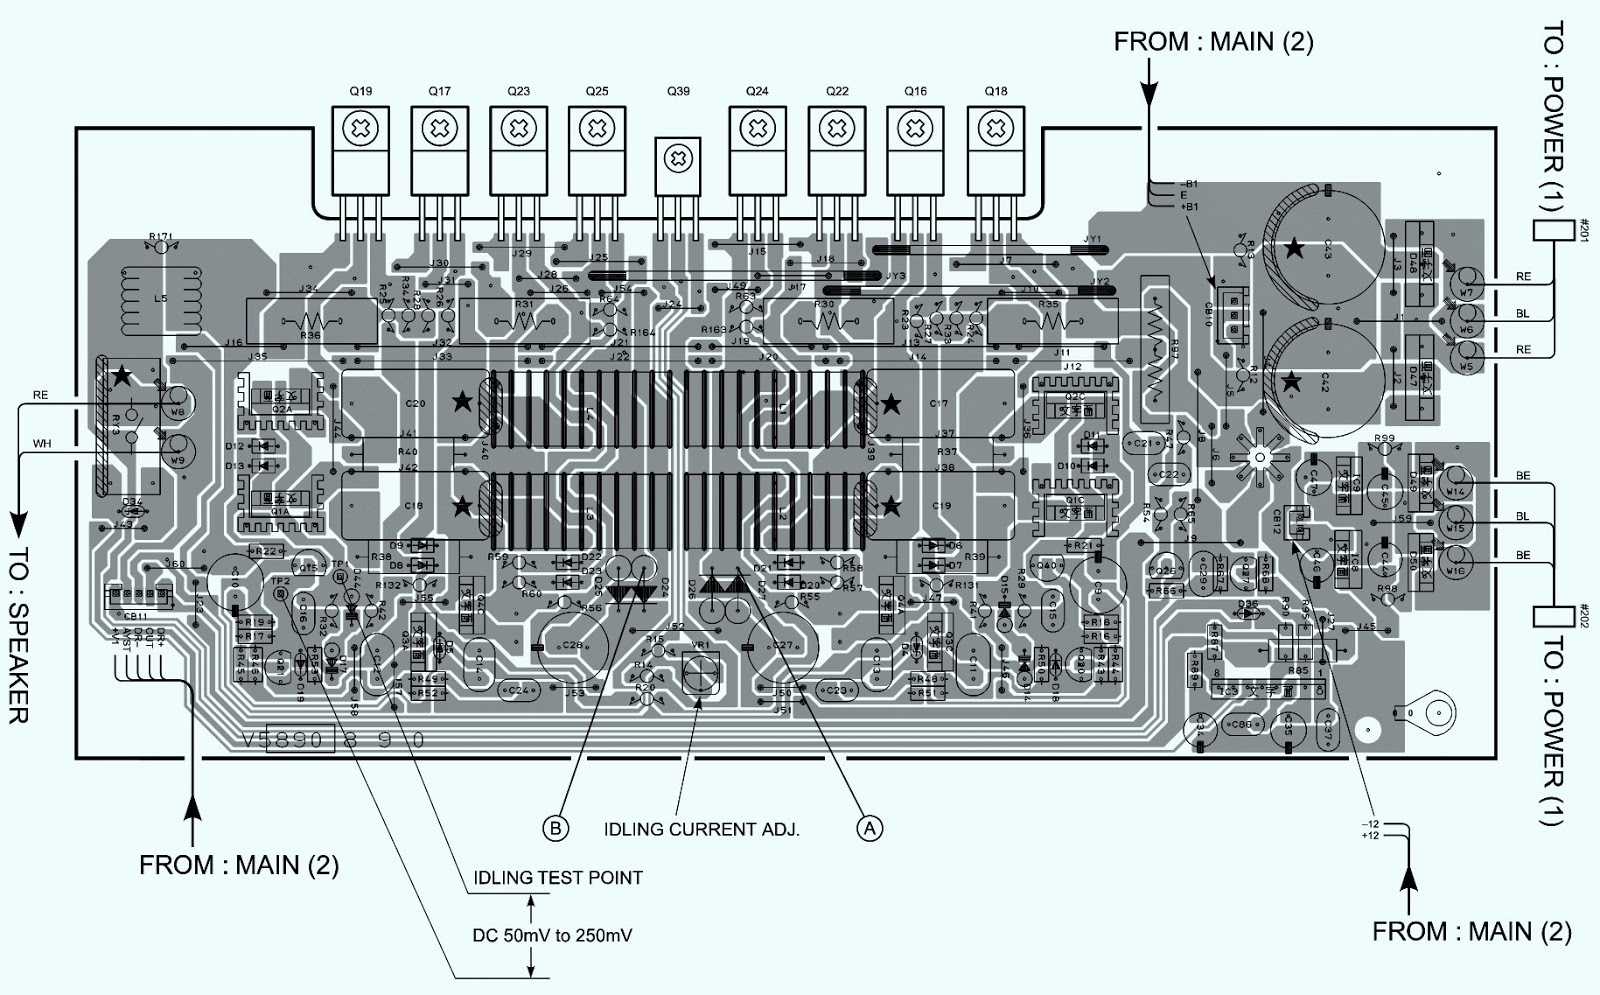 yamaha at1 wiring diagram kawasaki f7 wiring diagram